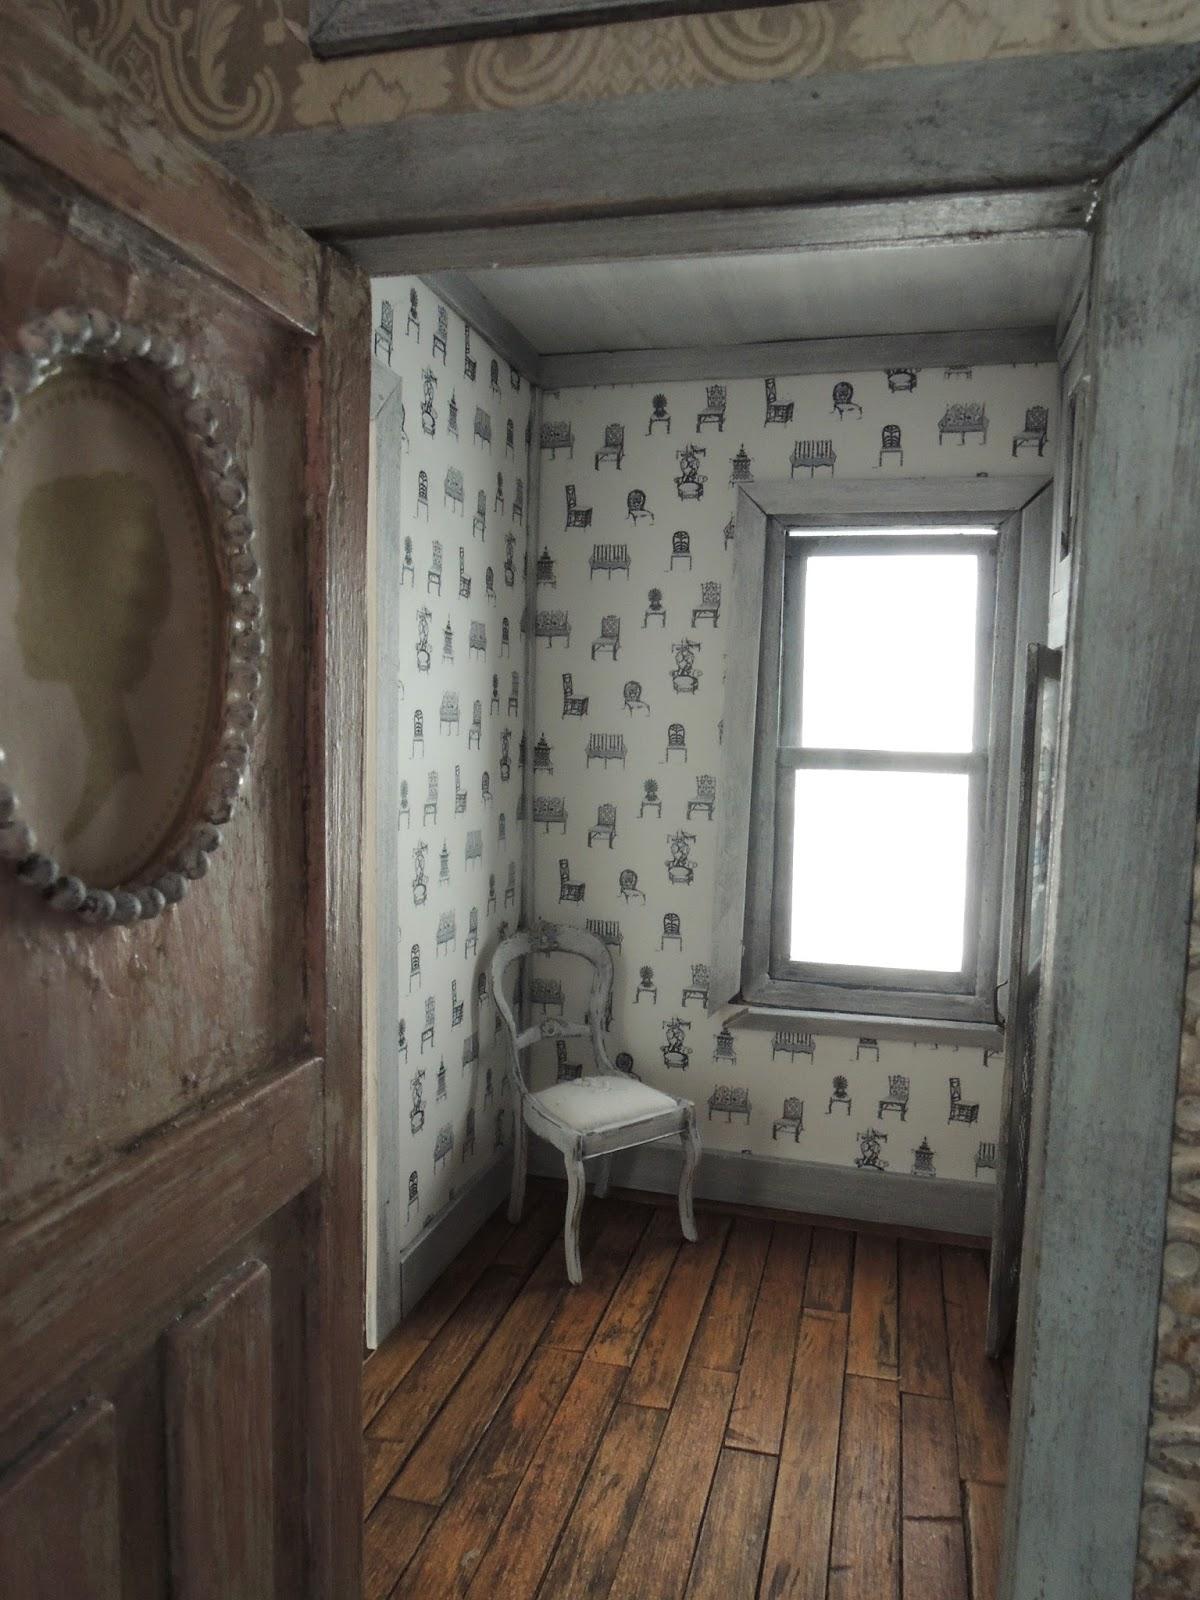 Hidden bathroom door - The Other Side Of The Bathroom Door The Hidden Hallway